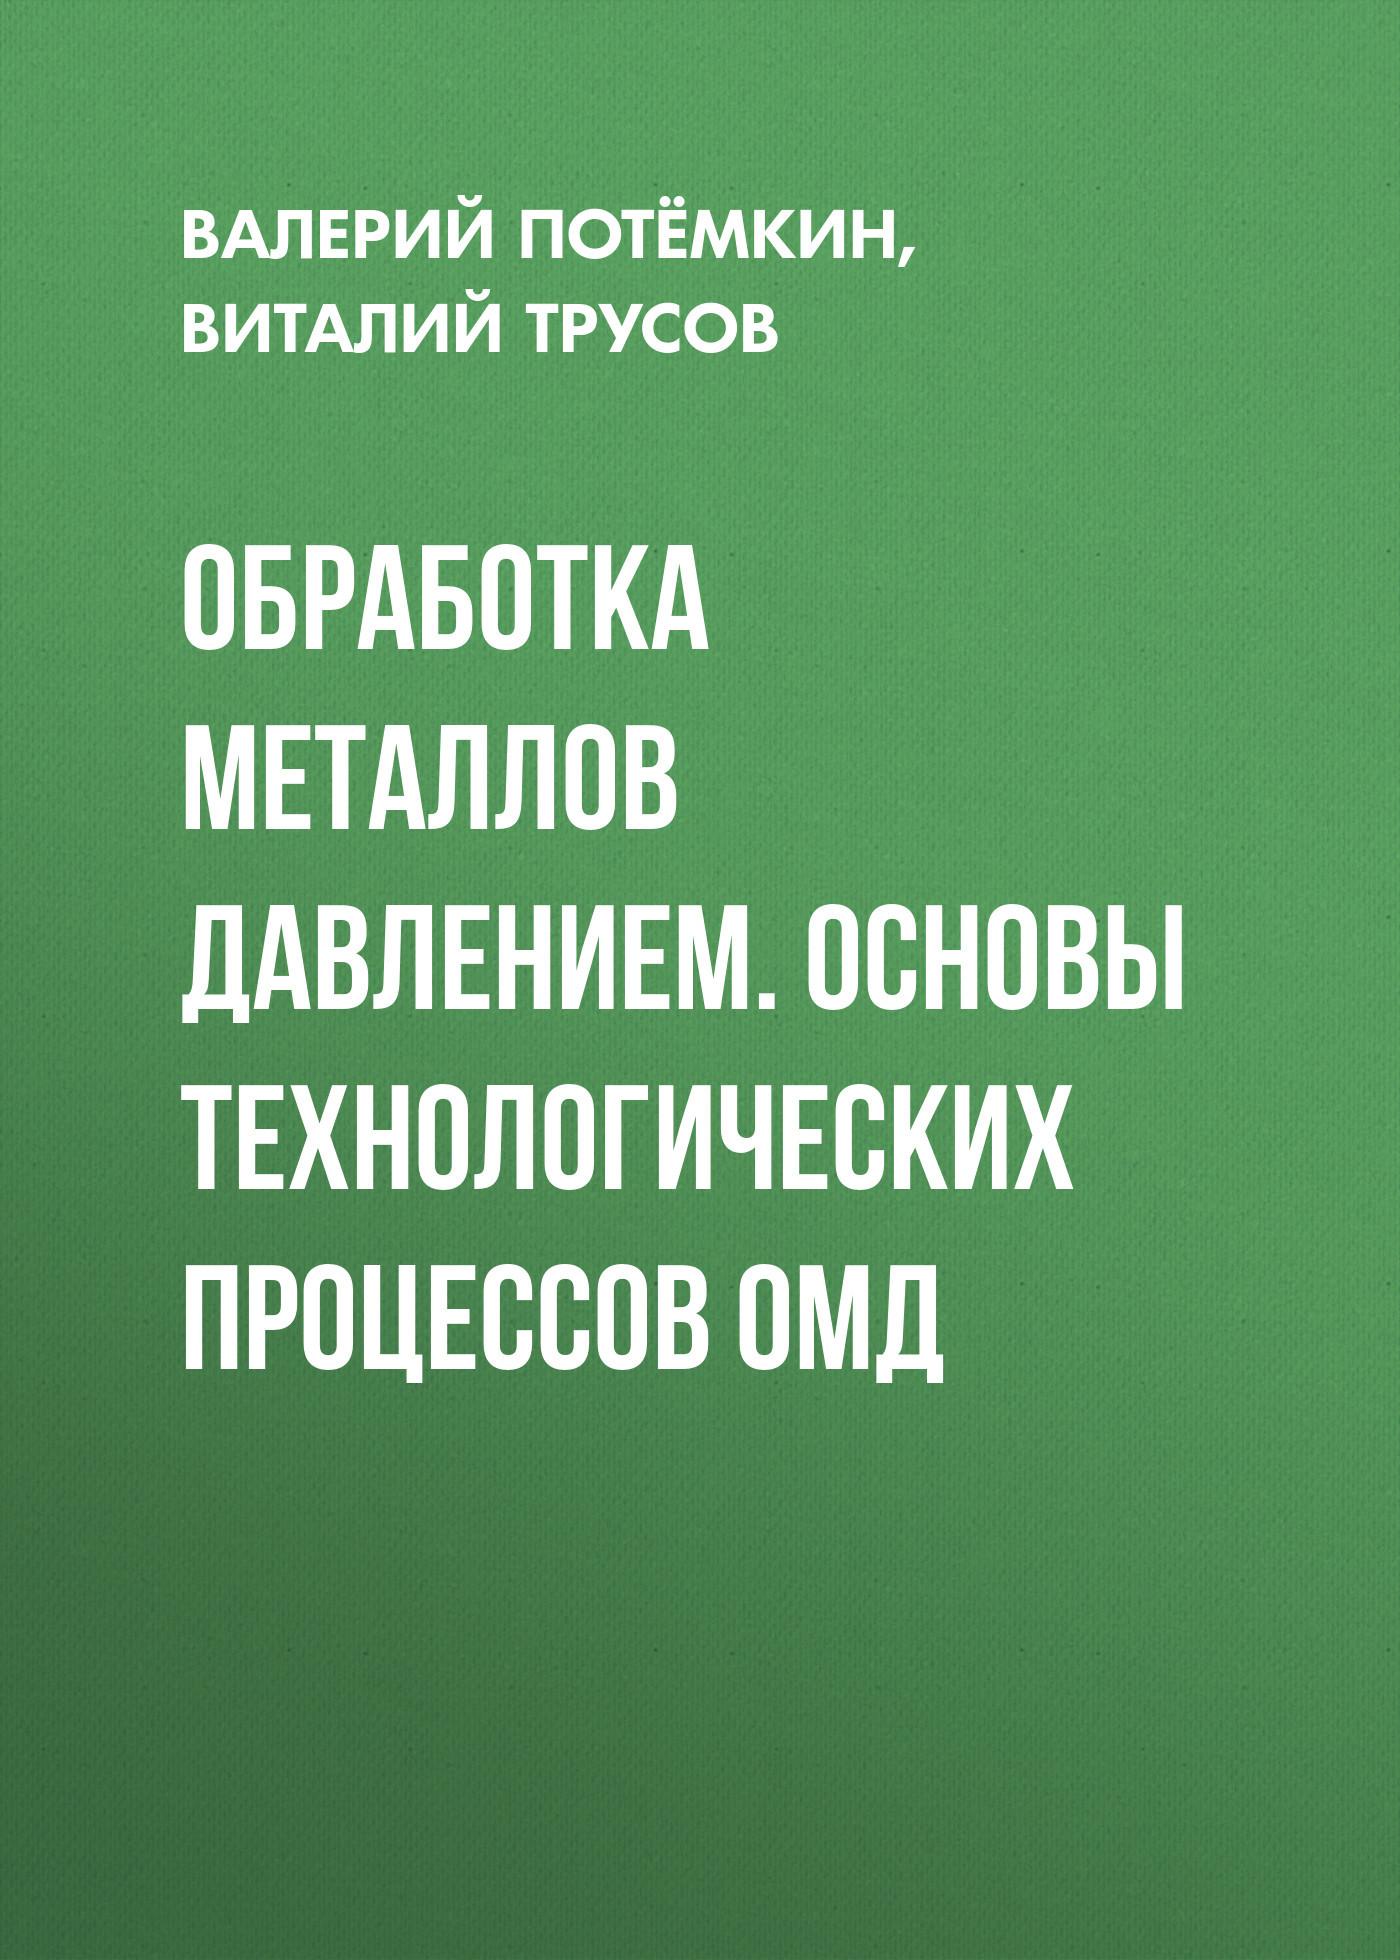 Валерий Потёмкин Обработка металлов давлением. Основы технологических процессов ОМД коровин в конец проекта украина